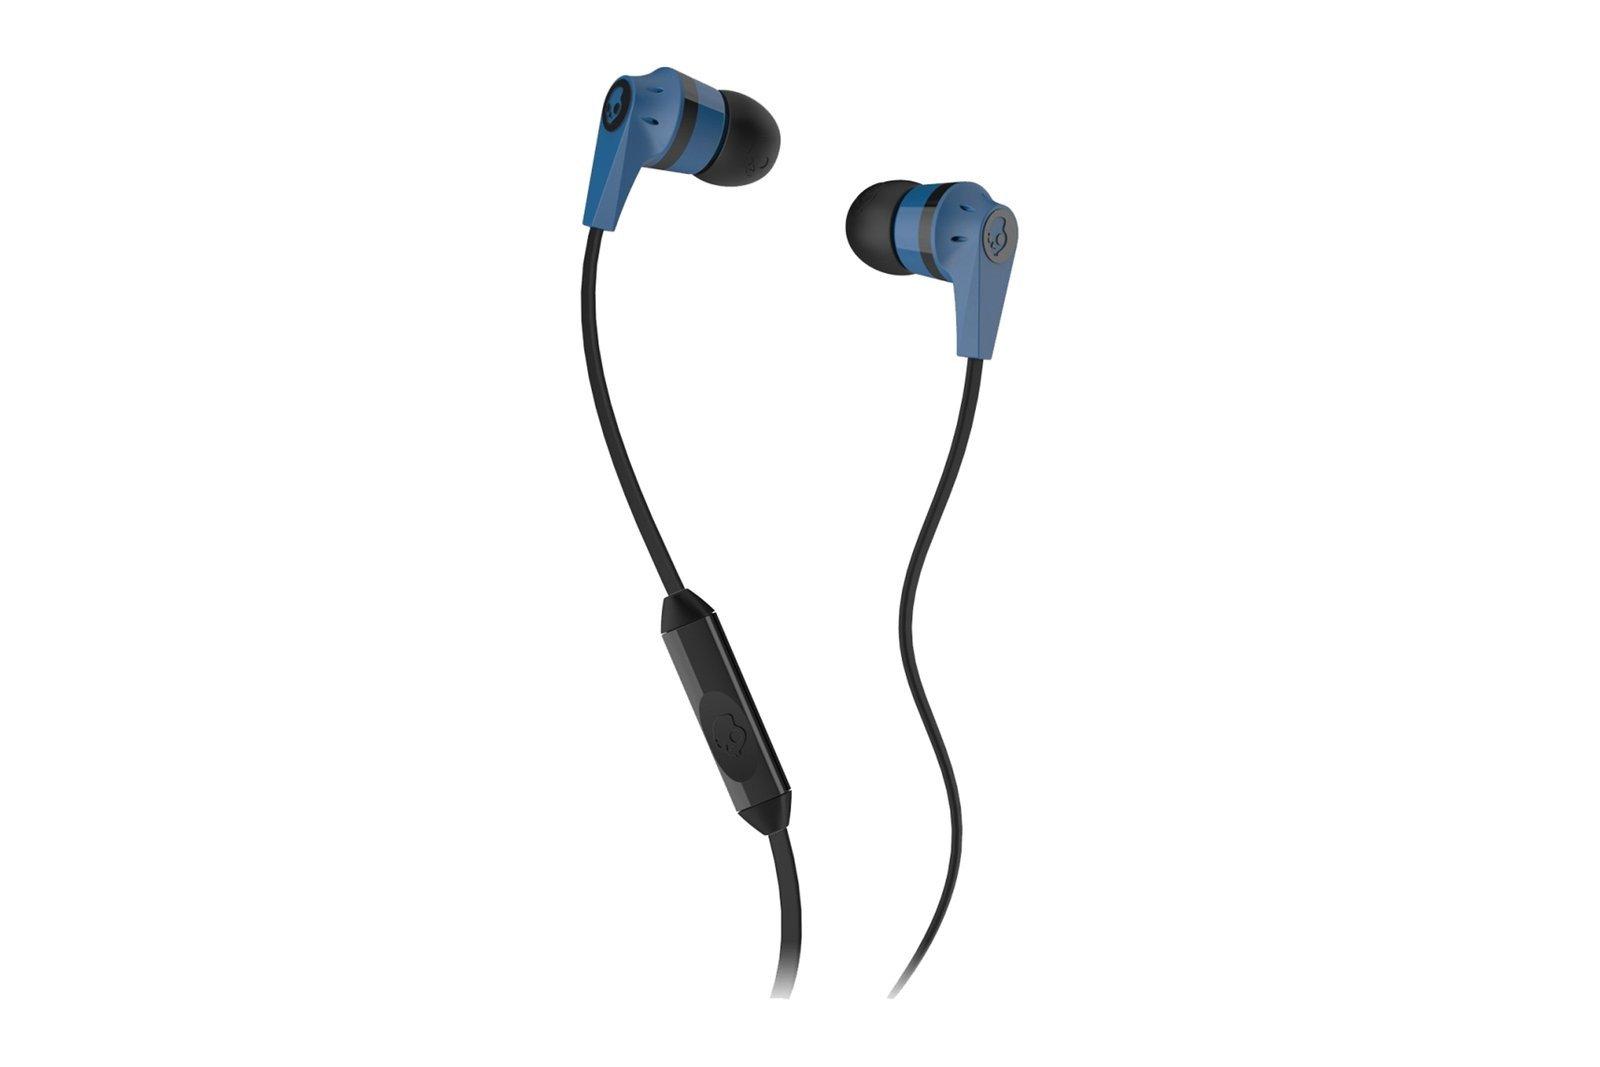 Skullcandy Ink'd 2 Wired Earbud Headphones Blue/Black